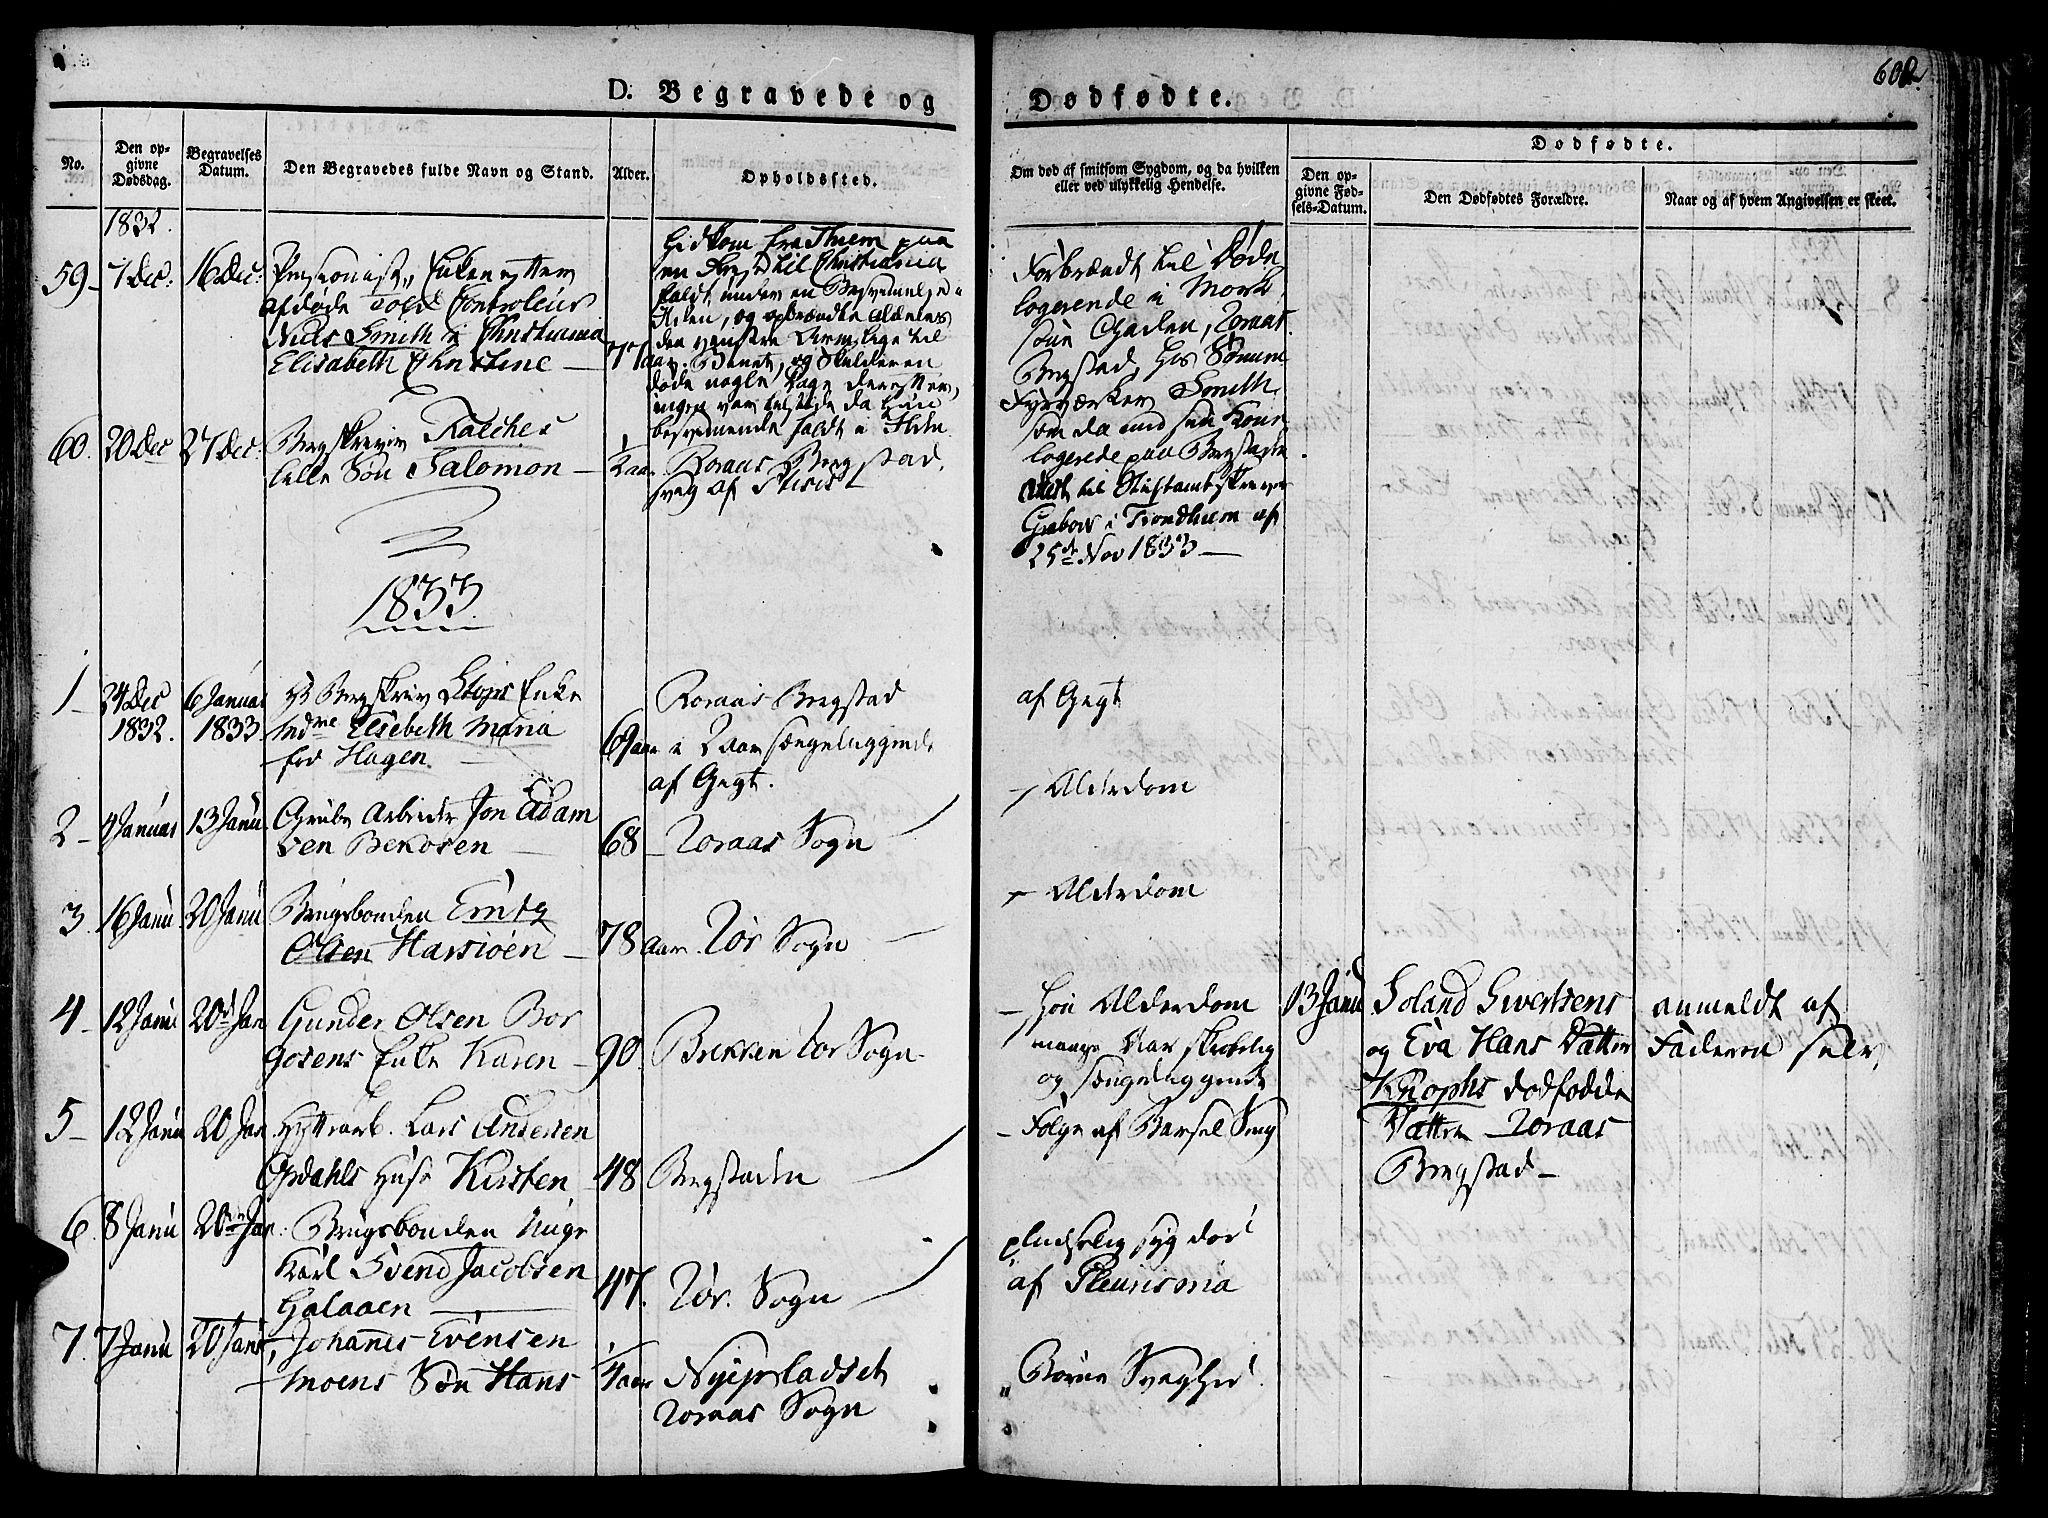 SAT, Ministerialprotokoller, klokkerbøker og fødselsregistre - Sør-Trøndelag, 681/L0930: Ministerialbok nr. 681A08, 1829-1844, s. 602